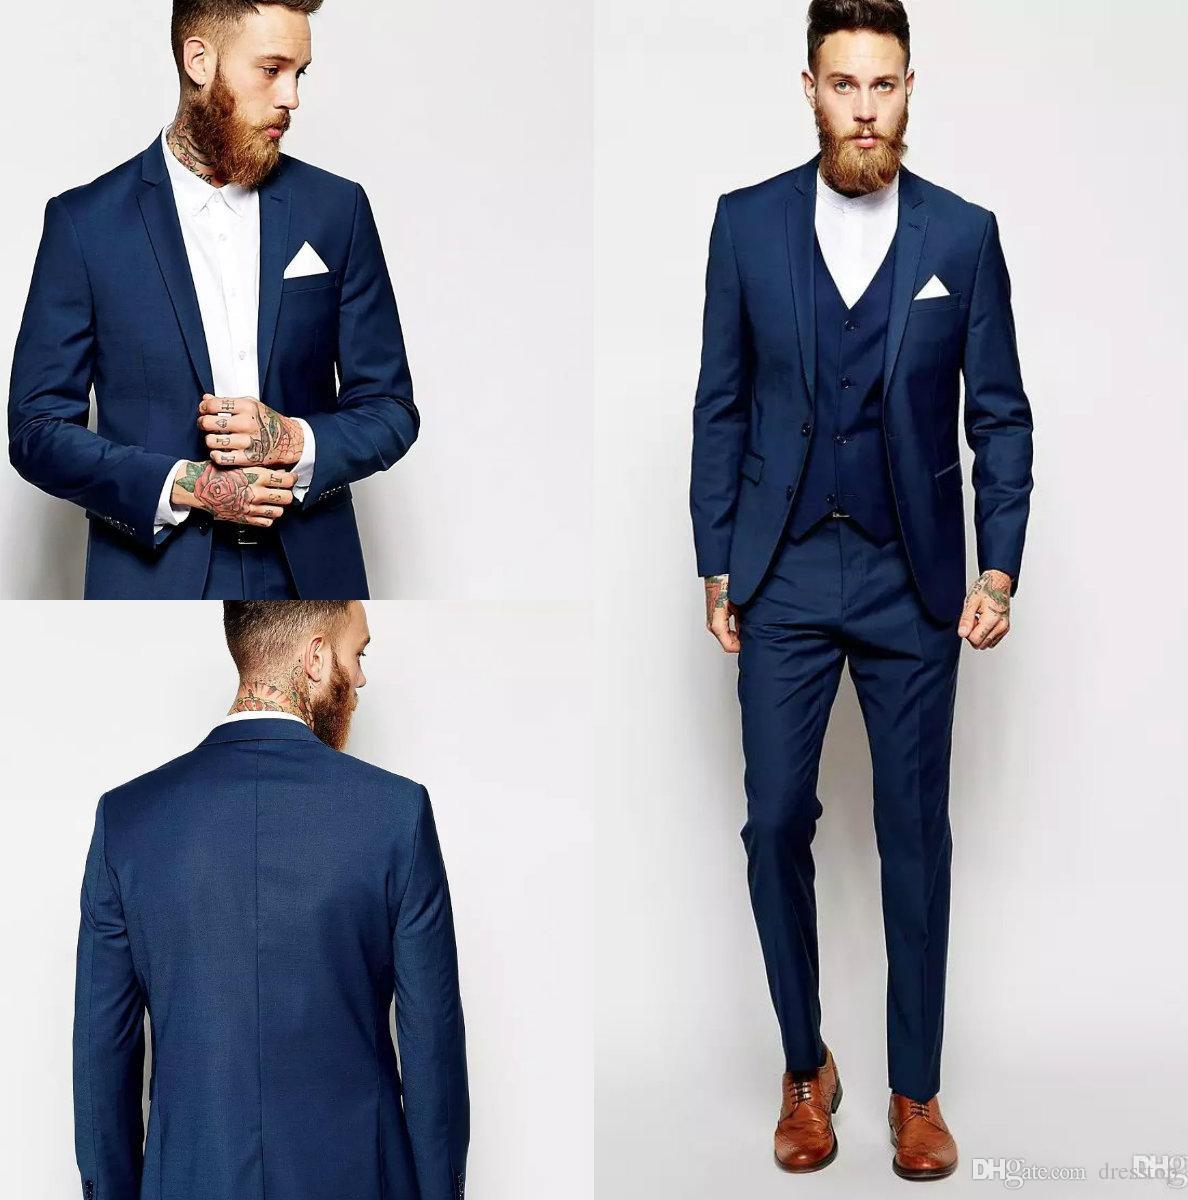 Acheter Dernier Manteau Pant Design Groom Smokings Groomsmen Costumes Slim  Fit Meilleur Costume Homme Mariage Costumes Hommes Groom Wear Veste +  Pantalon + ... b084eaec986